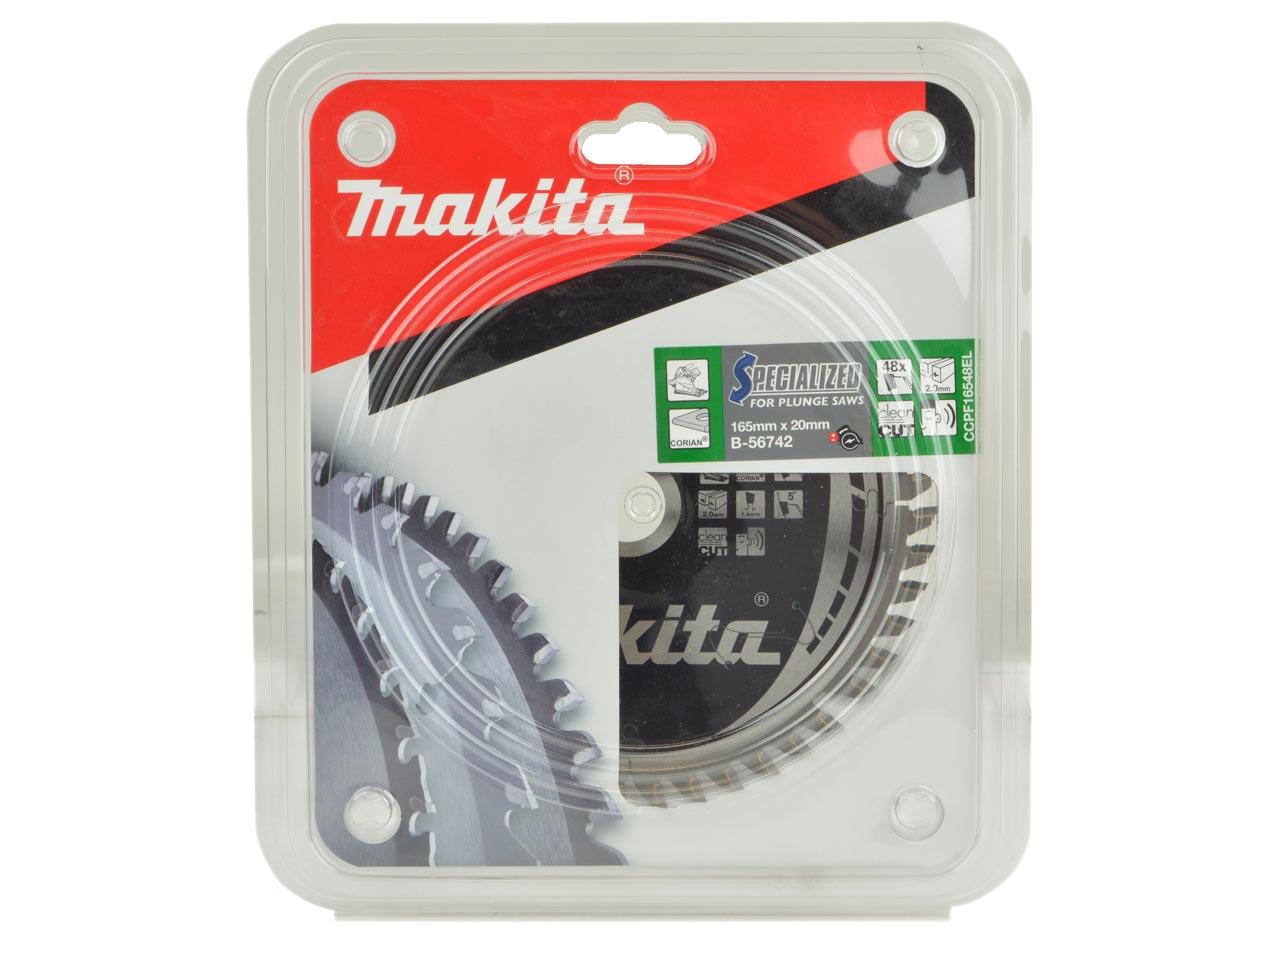 Makita_B56742.jpg